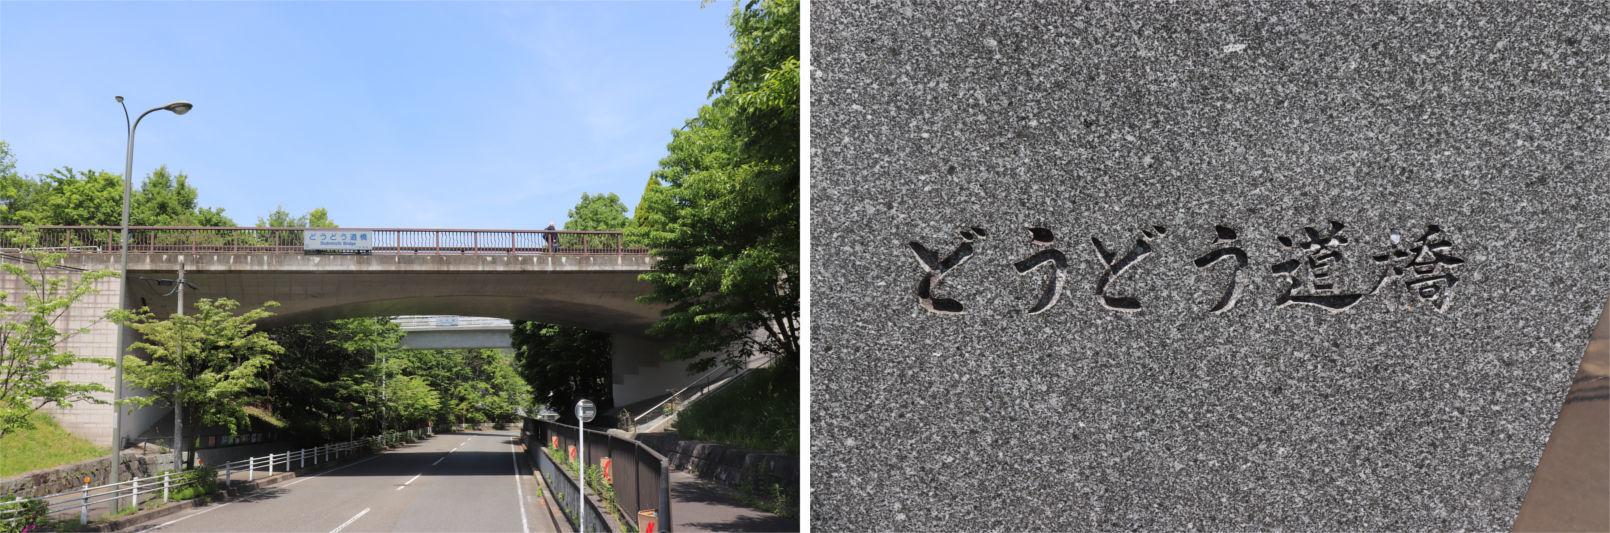 [多摩NTの橋ぜんぶ撮影PJ] No.36~40 上柚木公園周辺の橋_a0332275_02014266.jpg